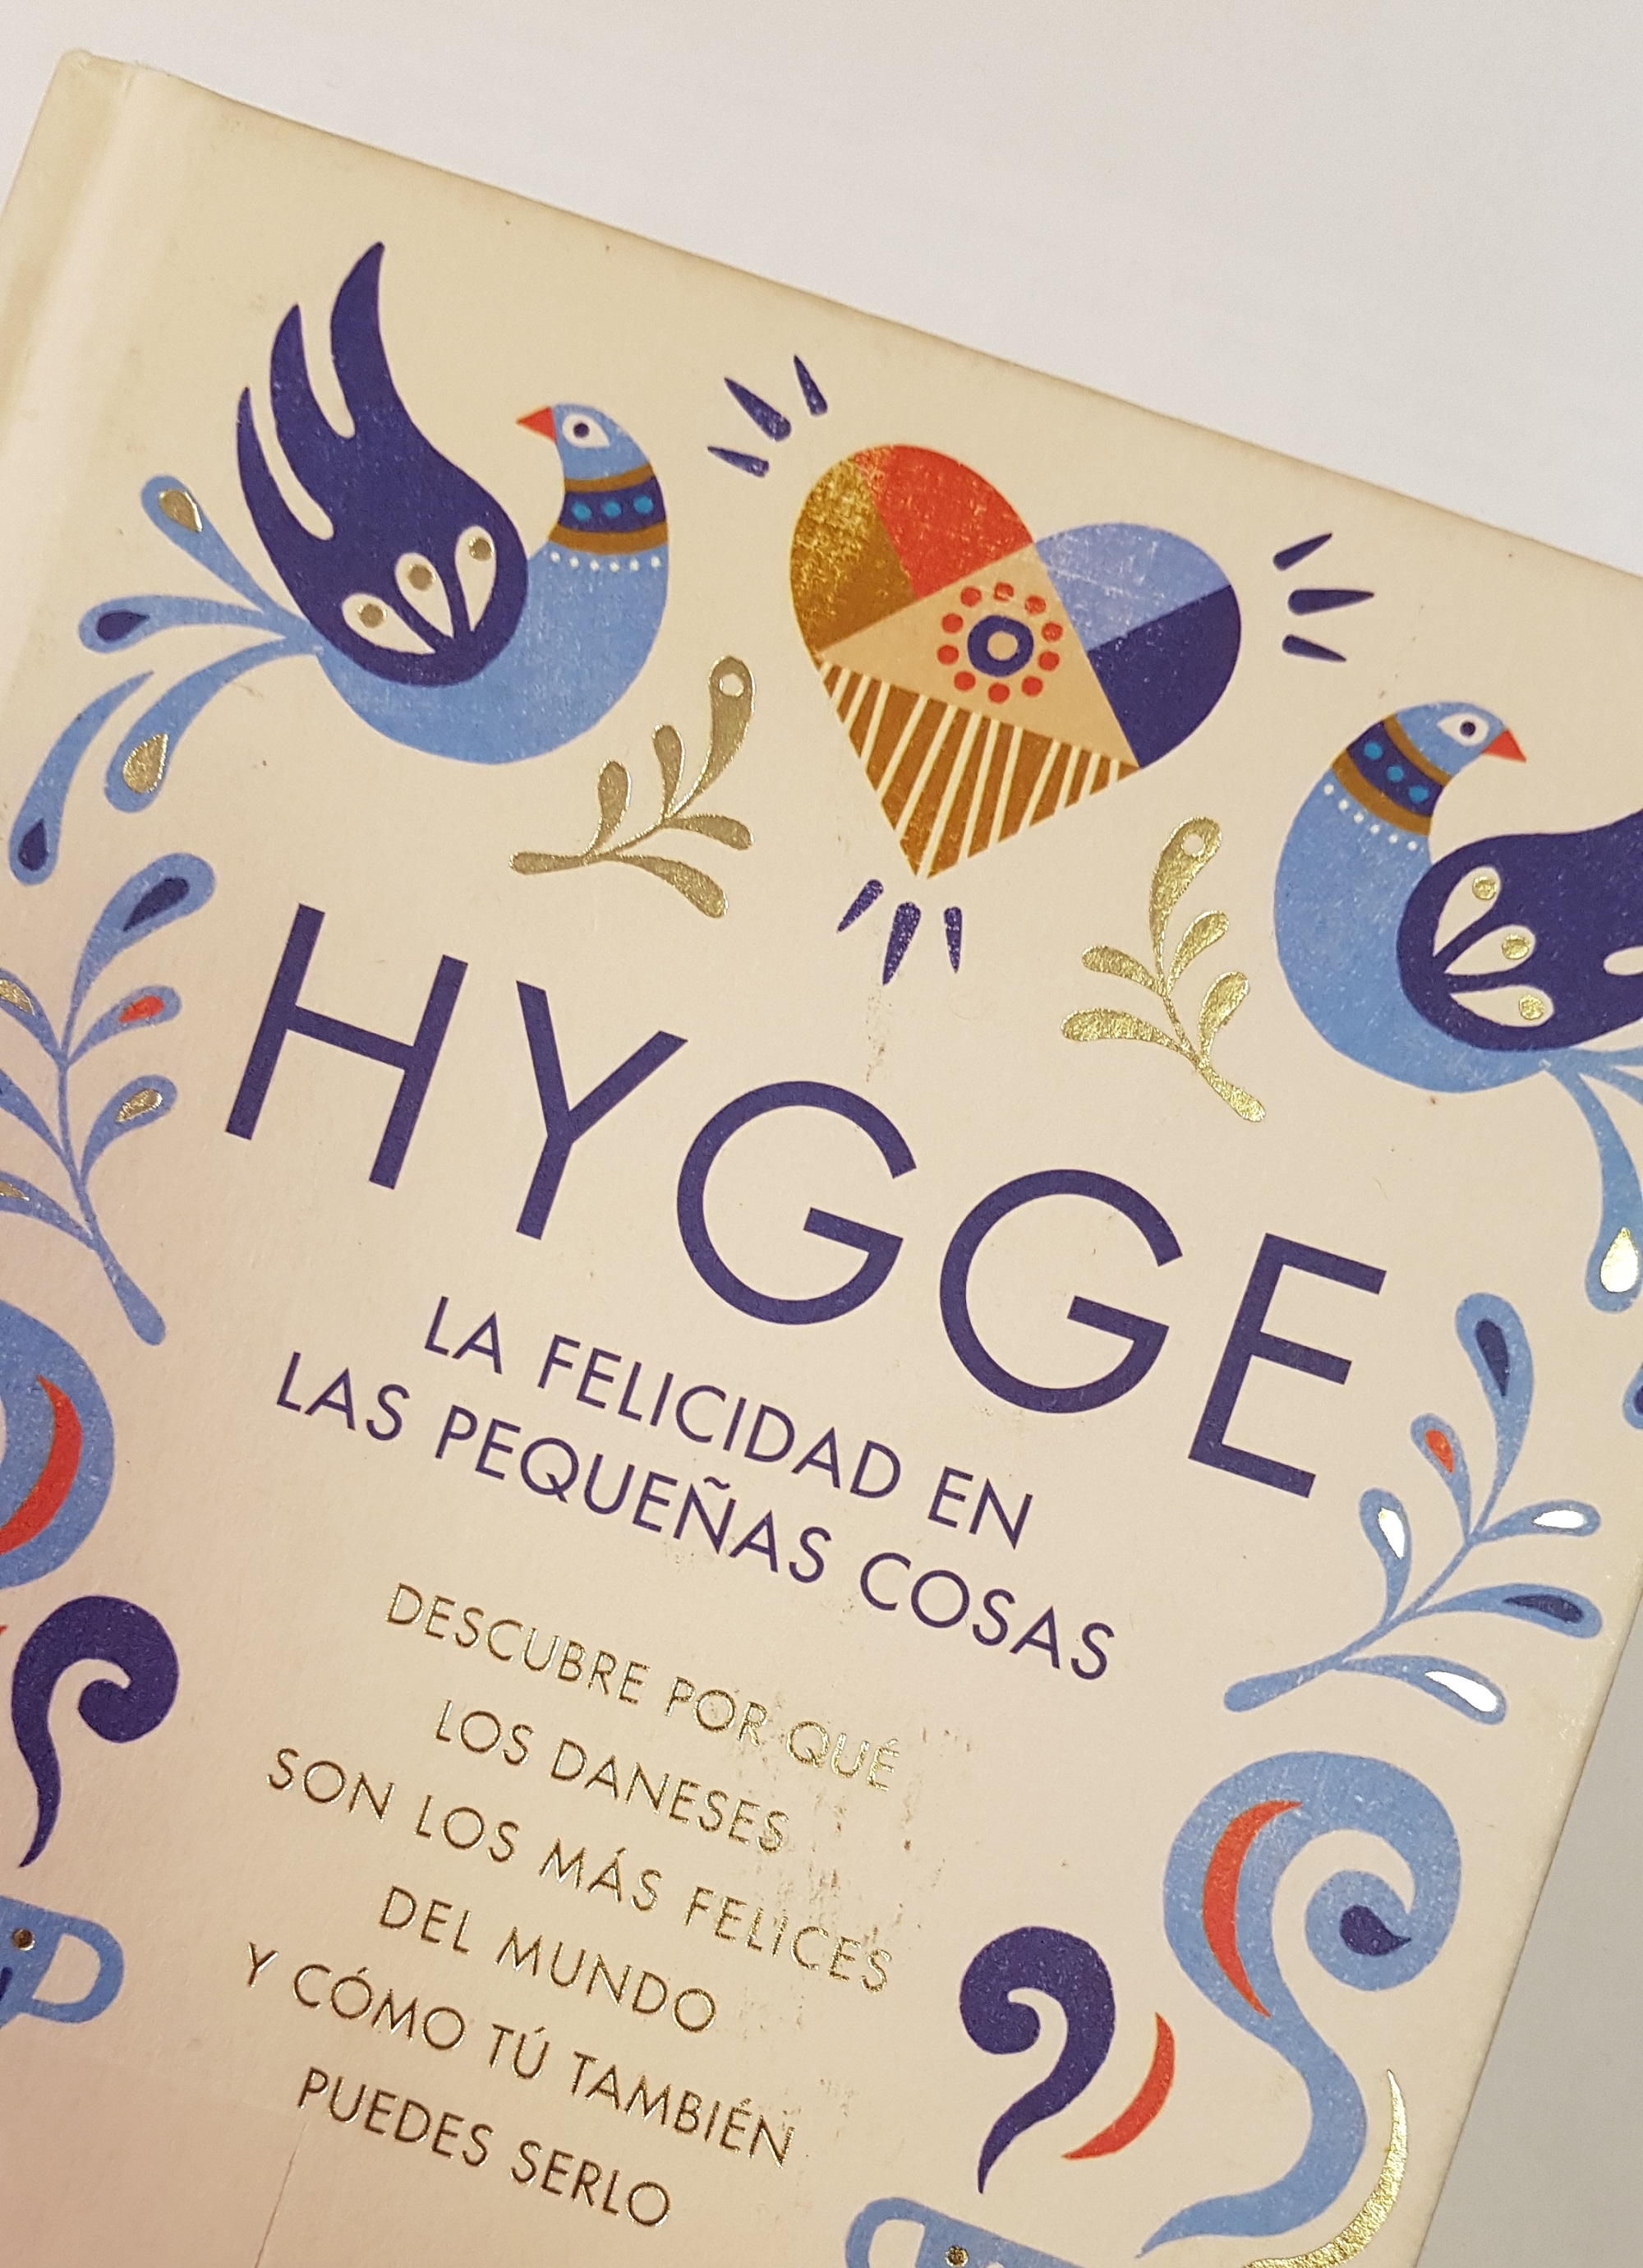 Libro de referencia para conocer el Hygge